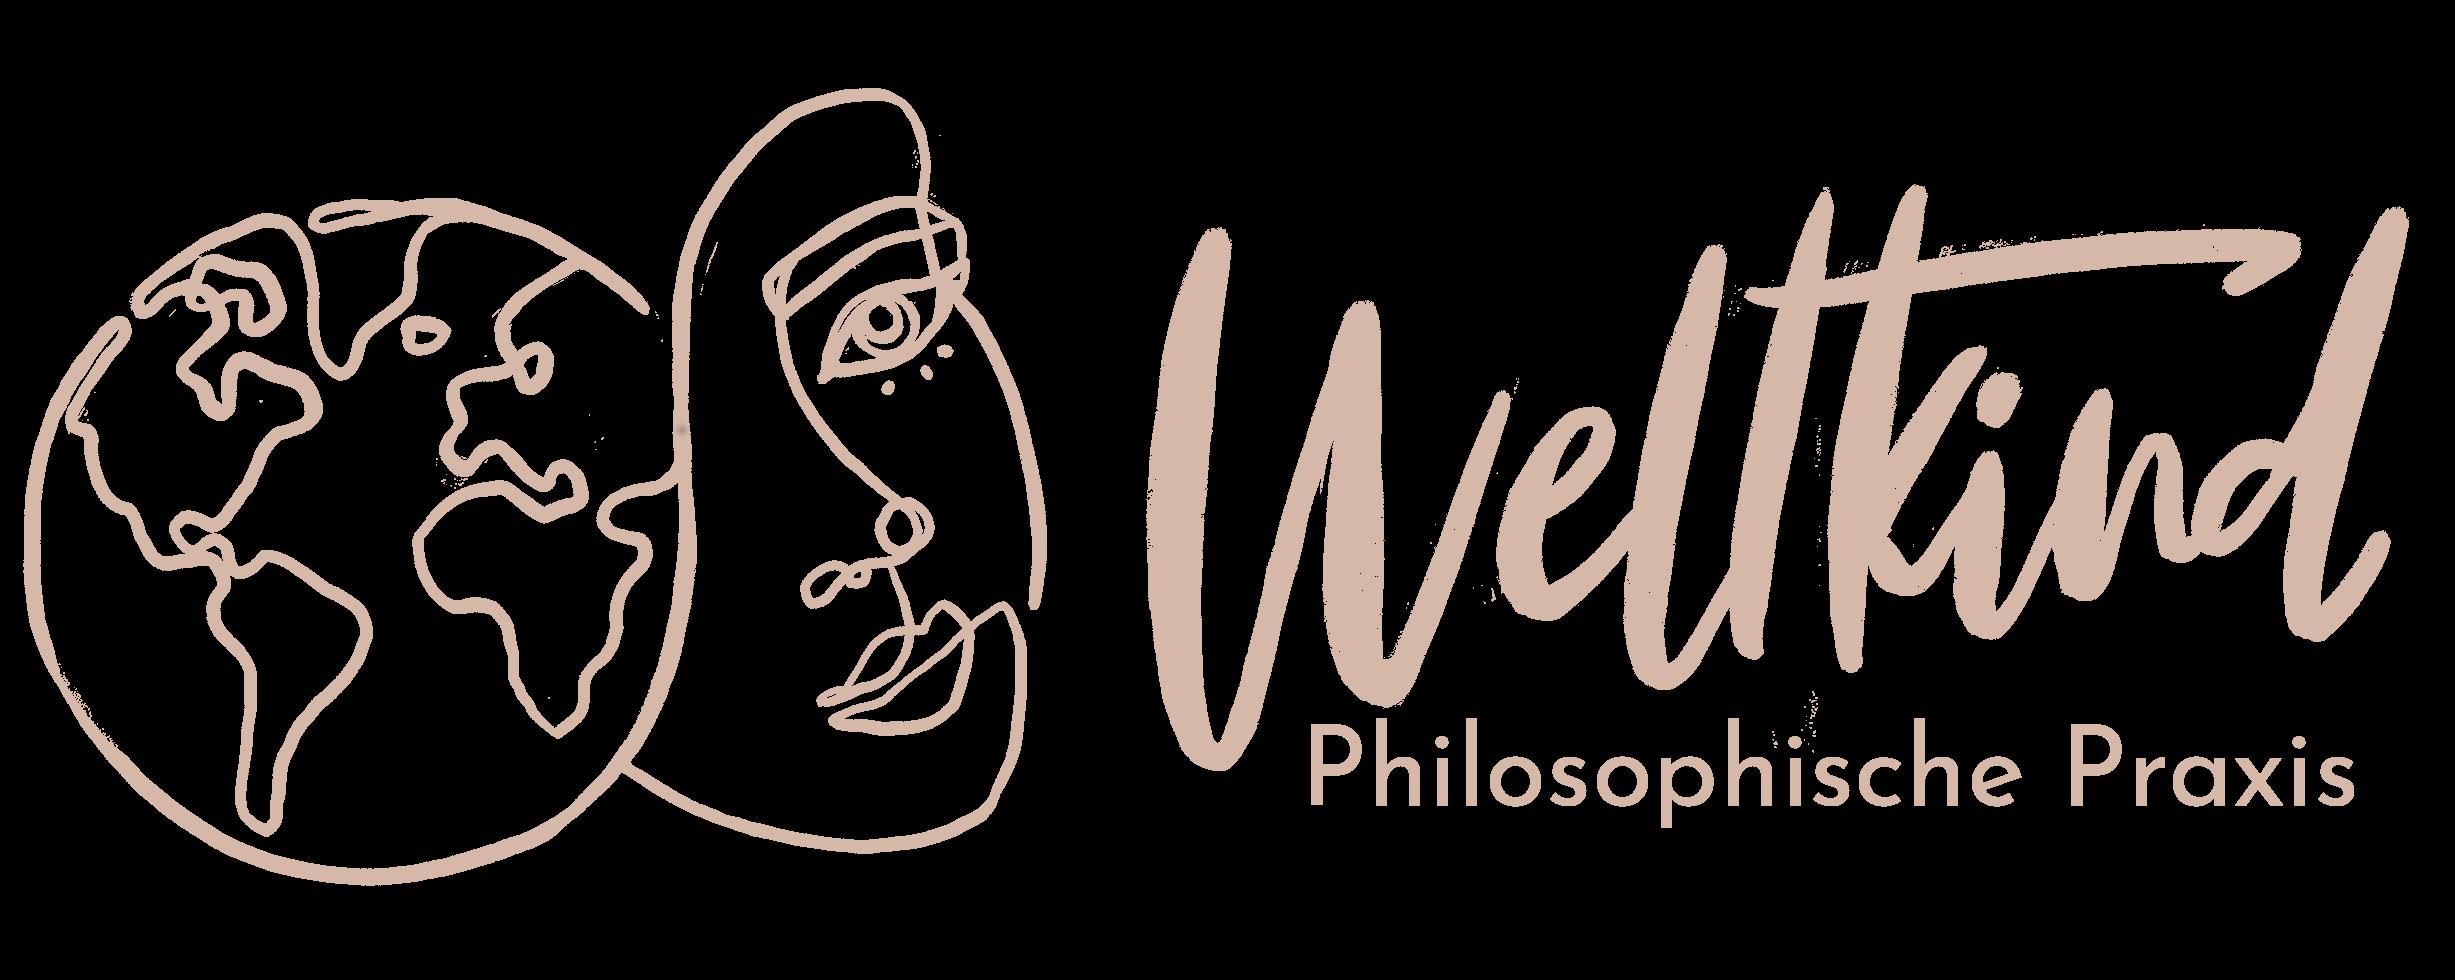 Philosophische Praxis Weltkind